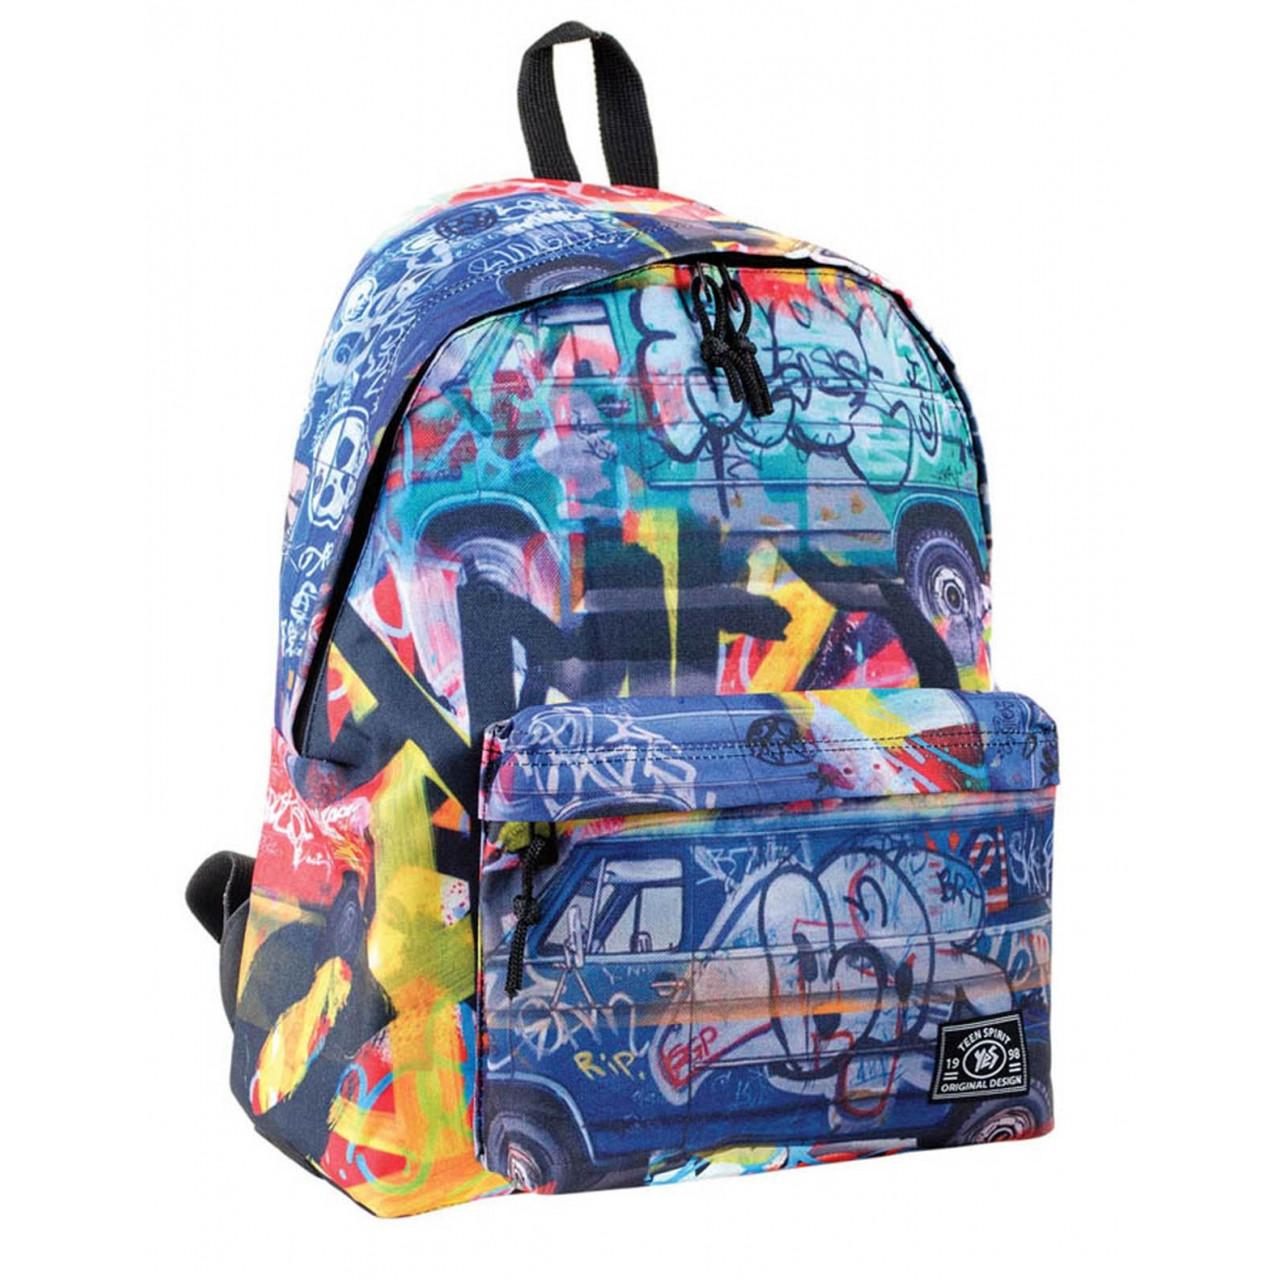 Рюкзак подростковый YES ST-15 Crazy 22, 31*41*14